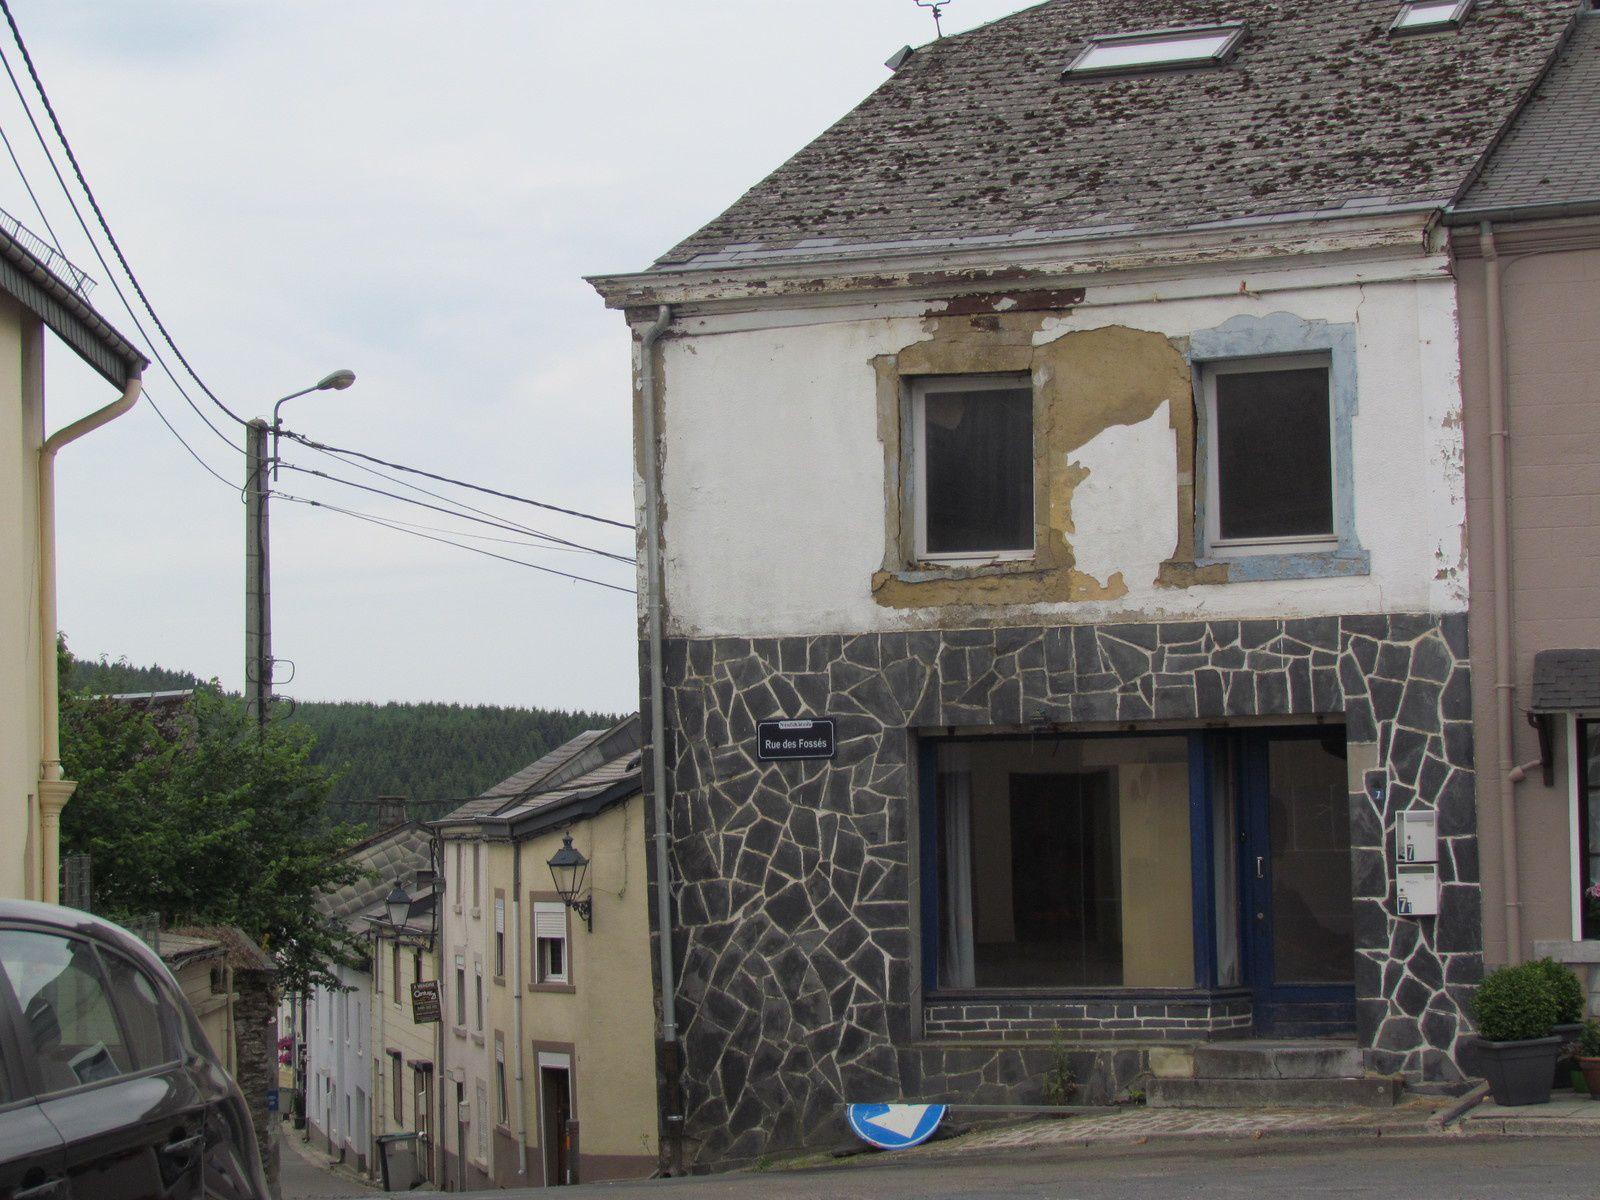 Achat d'un immeuble